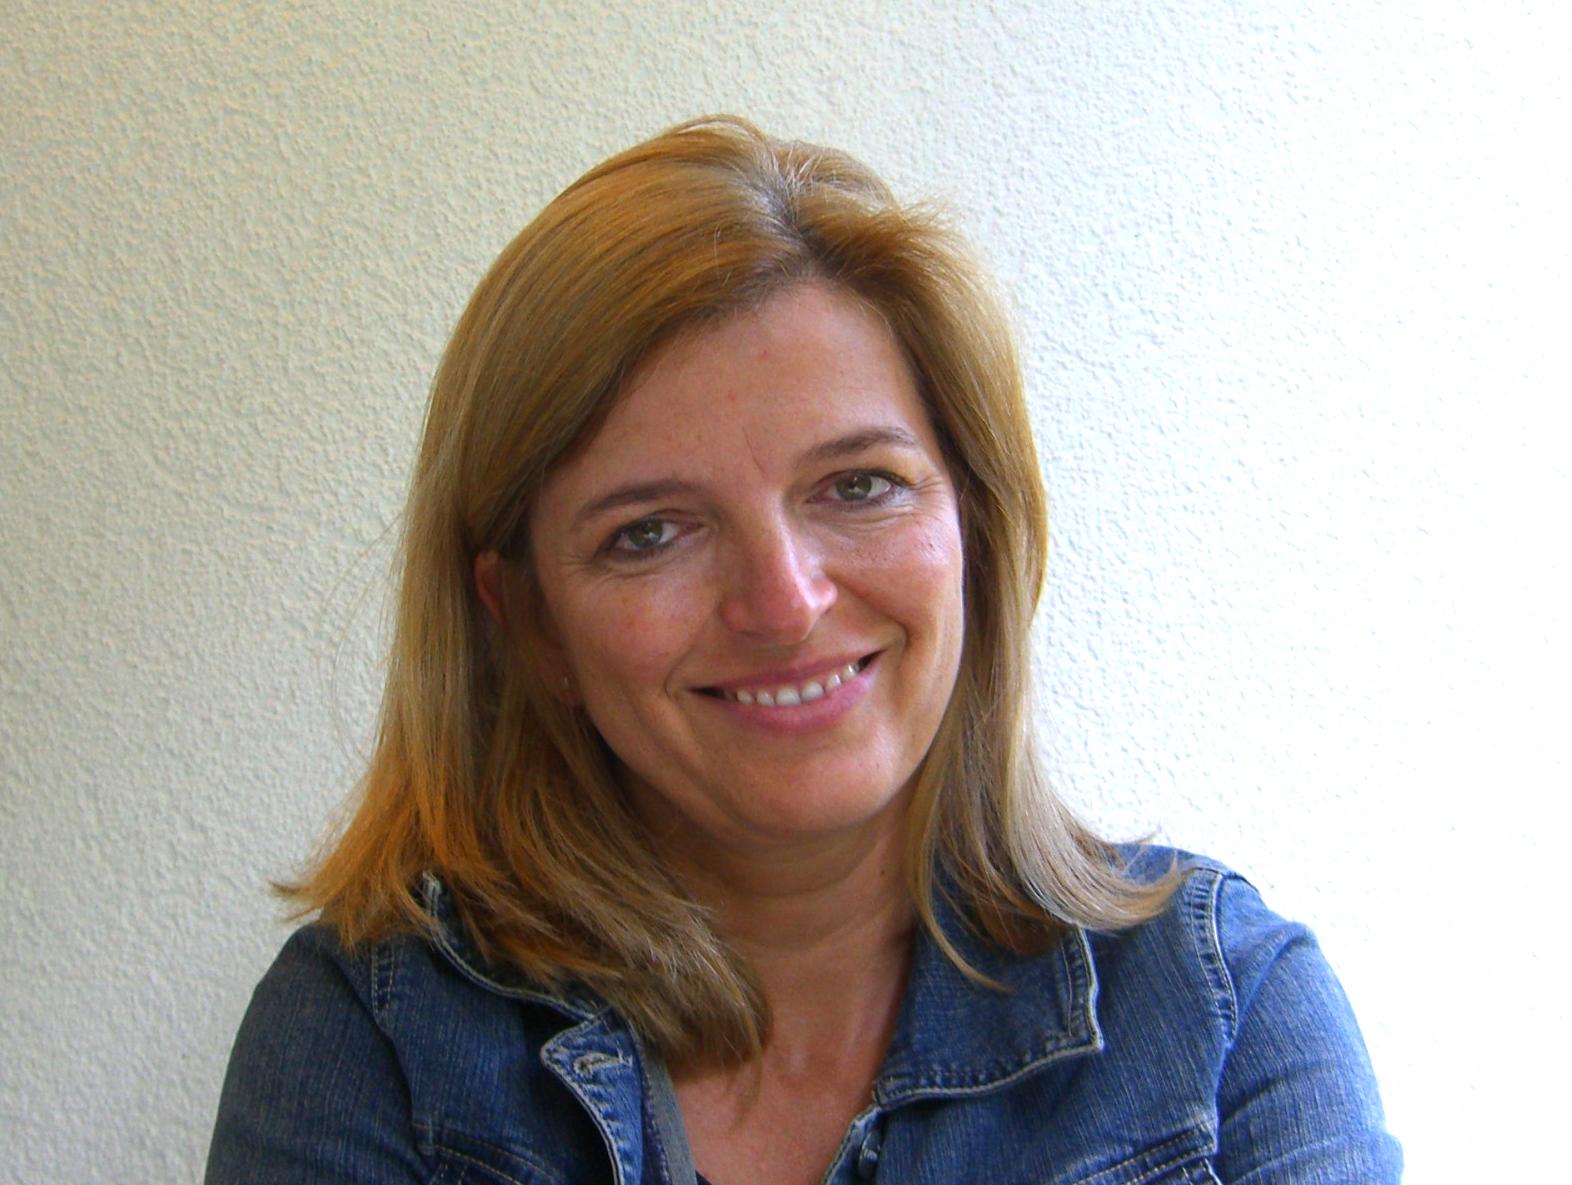 Gabriella Baumann